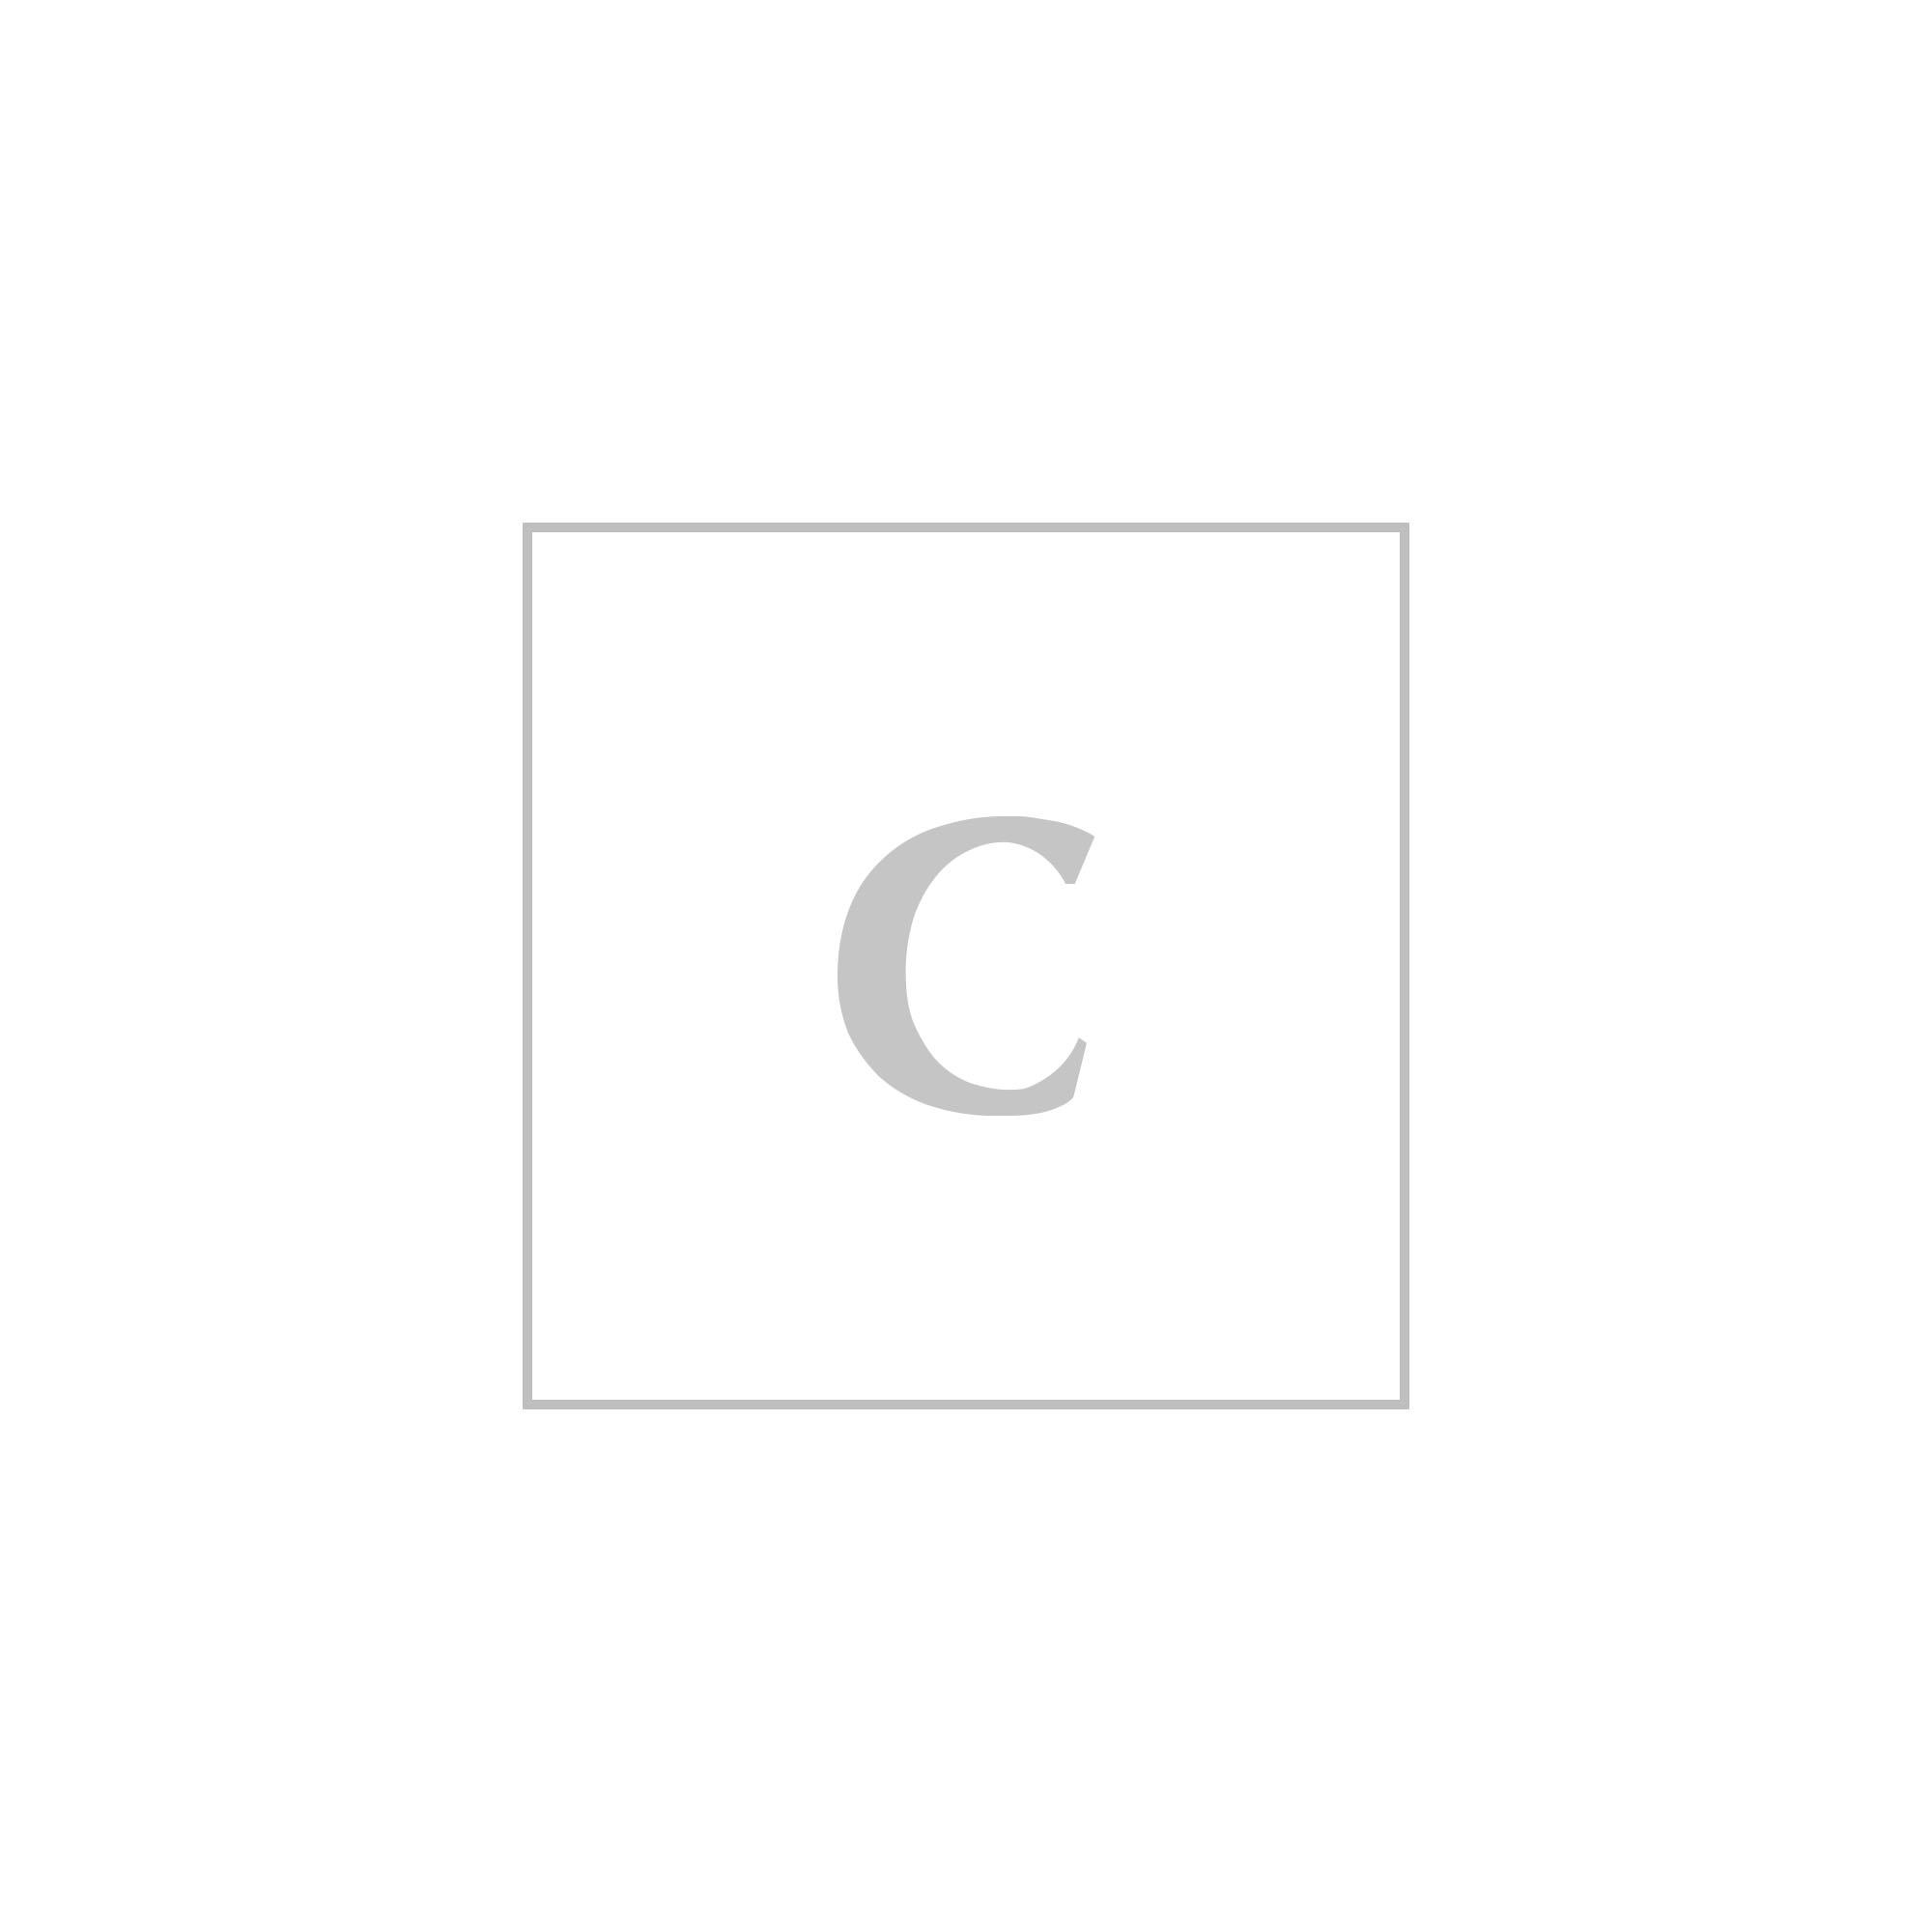 Dolce & gabbana borsa mini bag crespo leo